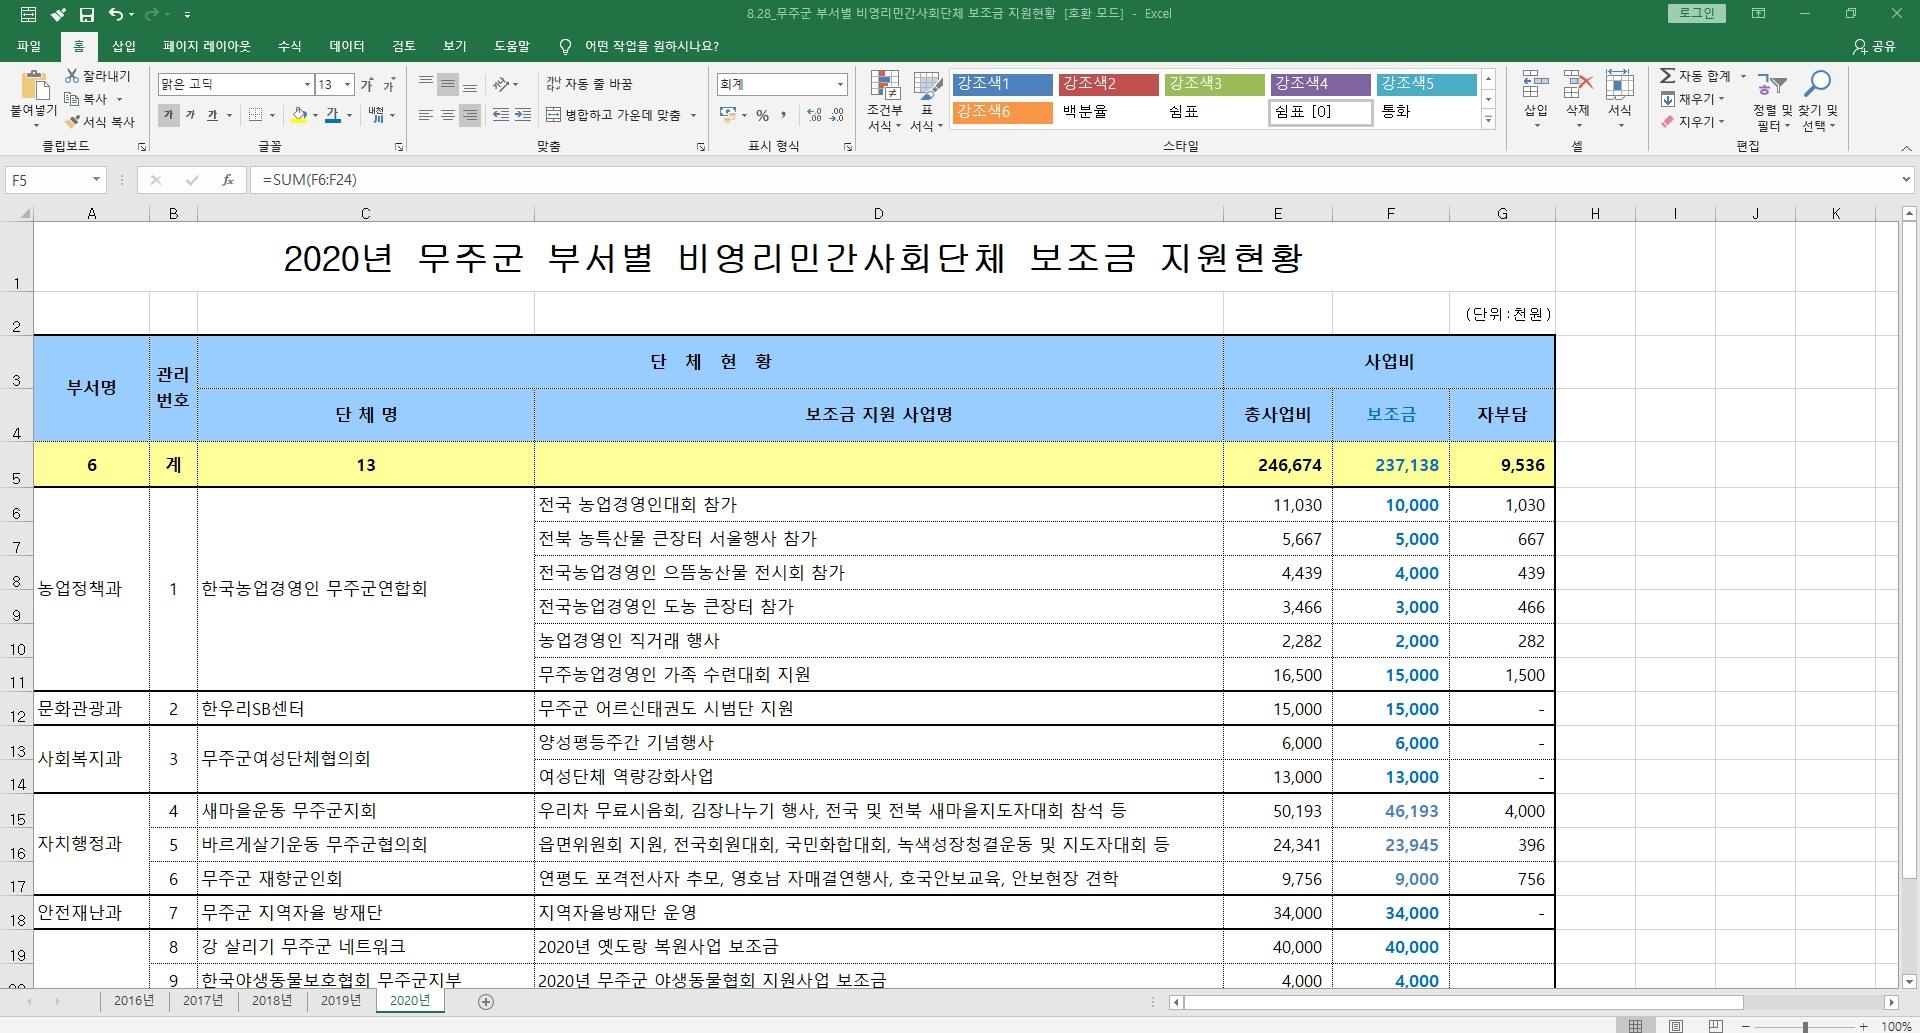 8.28_20.8.19_무주군 부서별 비영리민간사회단체 보조금 지원현황.jpg